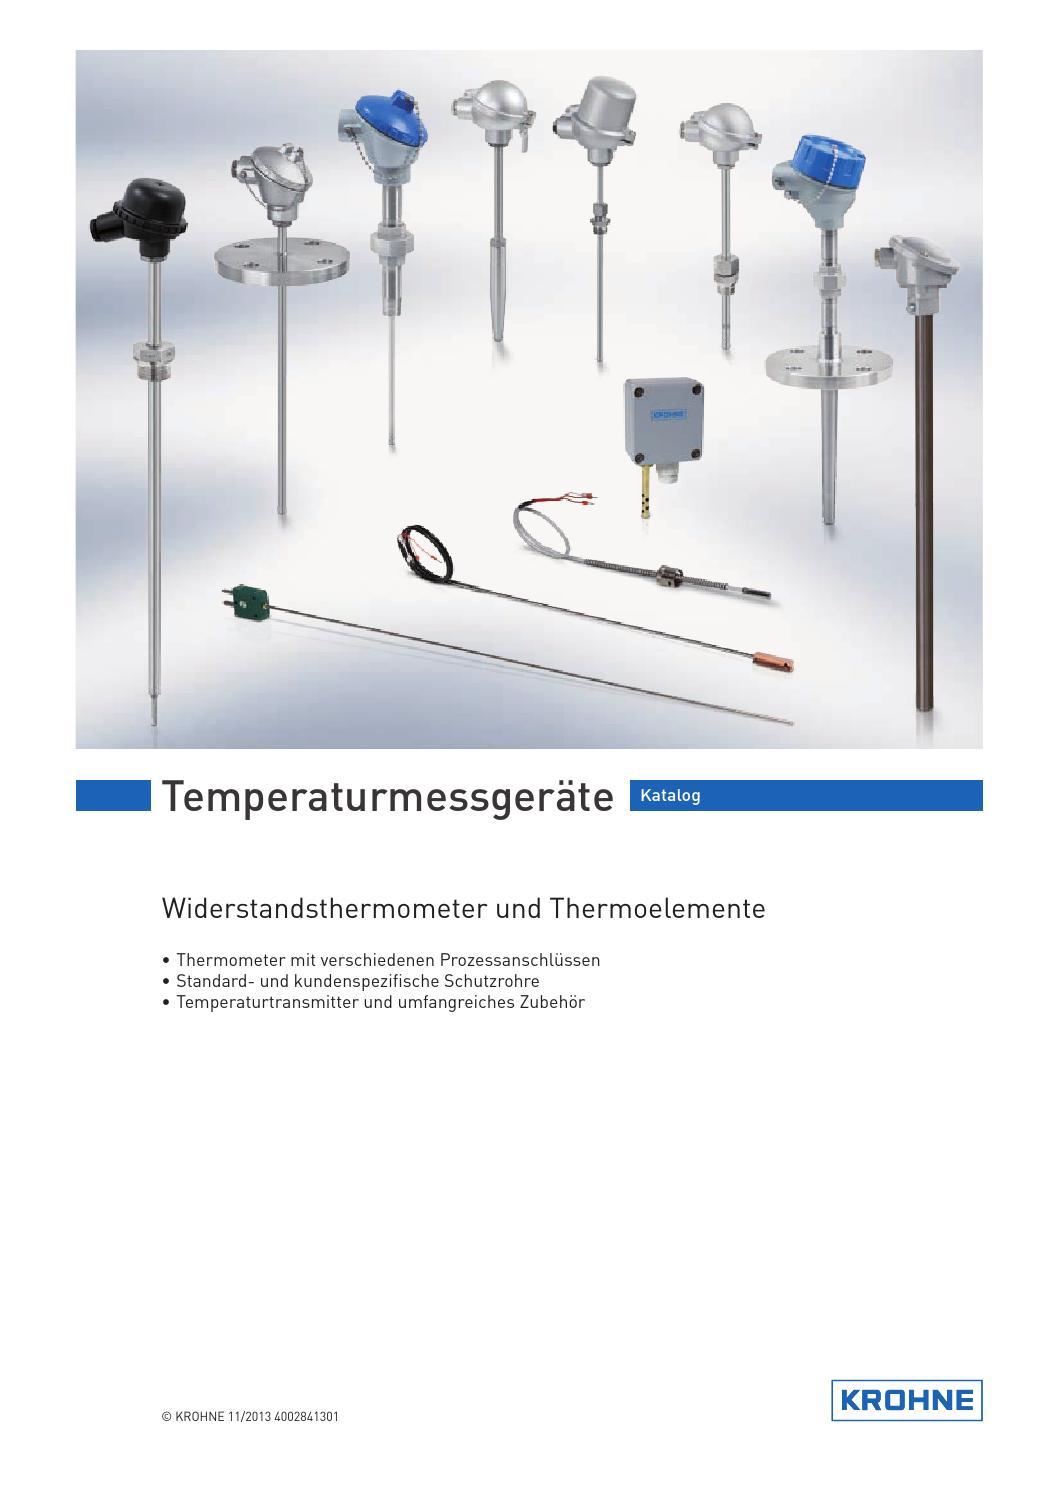 KROHNE Temperaturmessgeräte Katalog by KROHNE - issuu